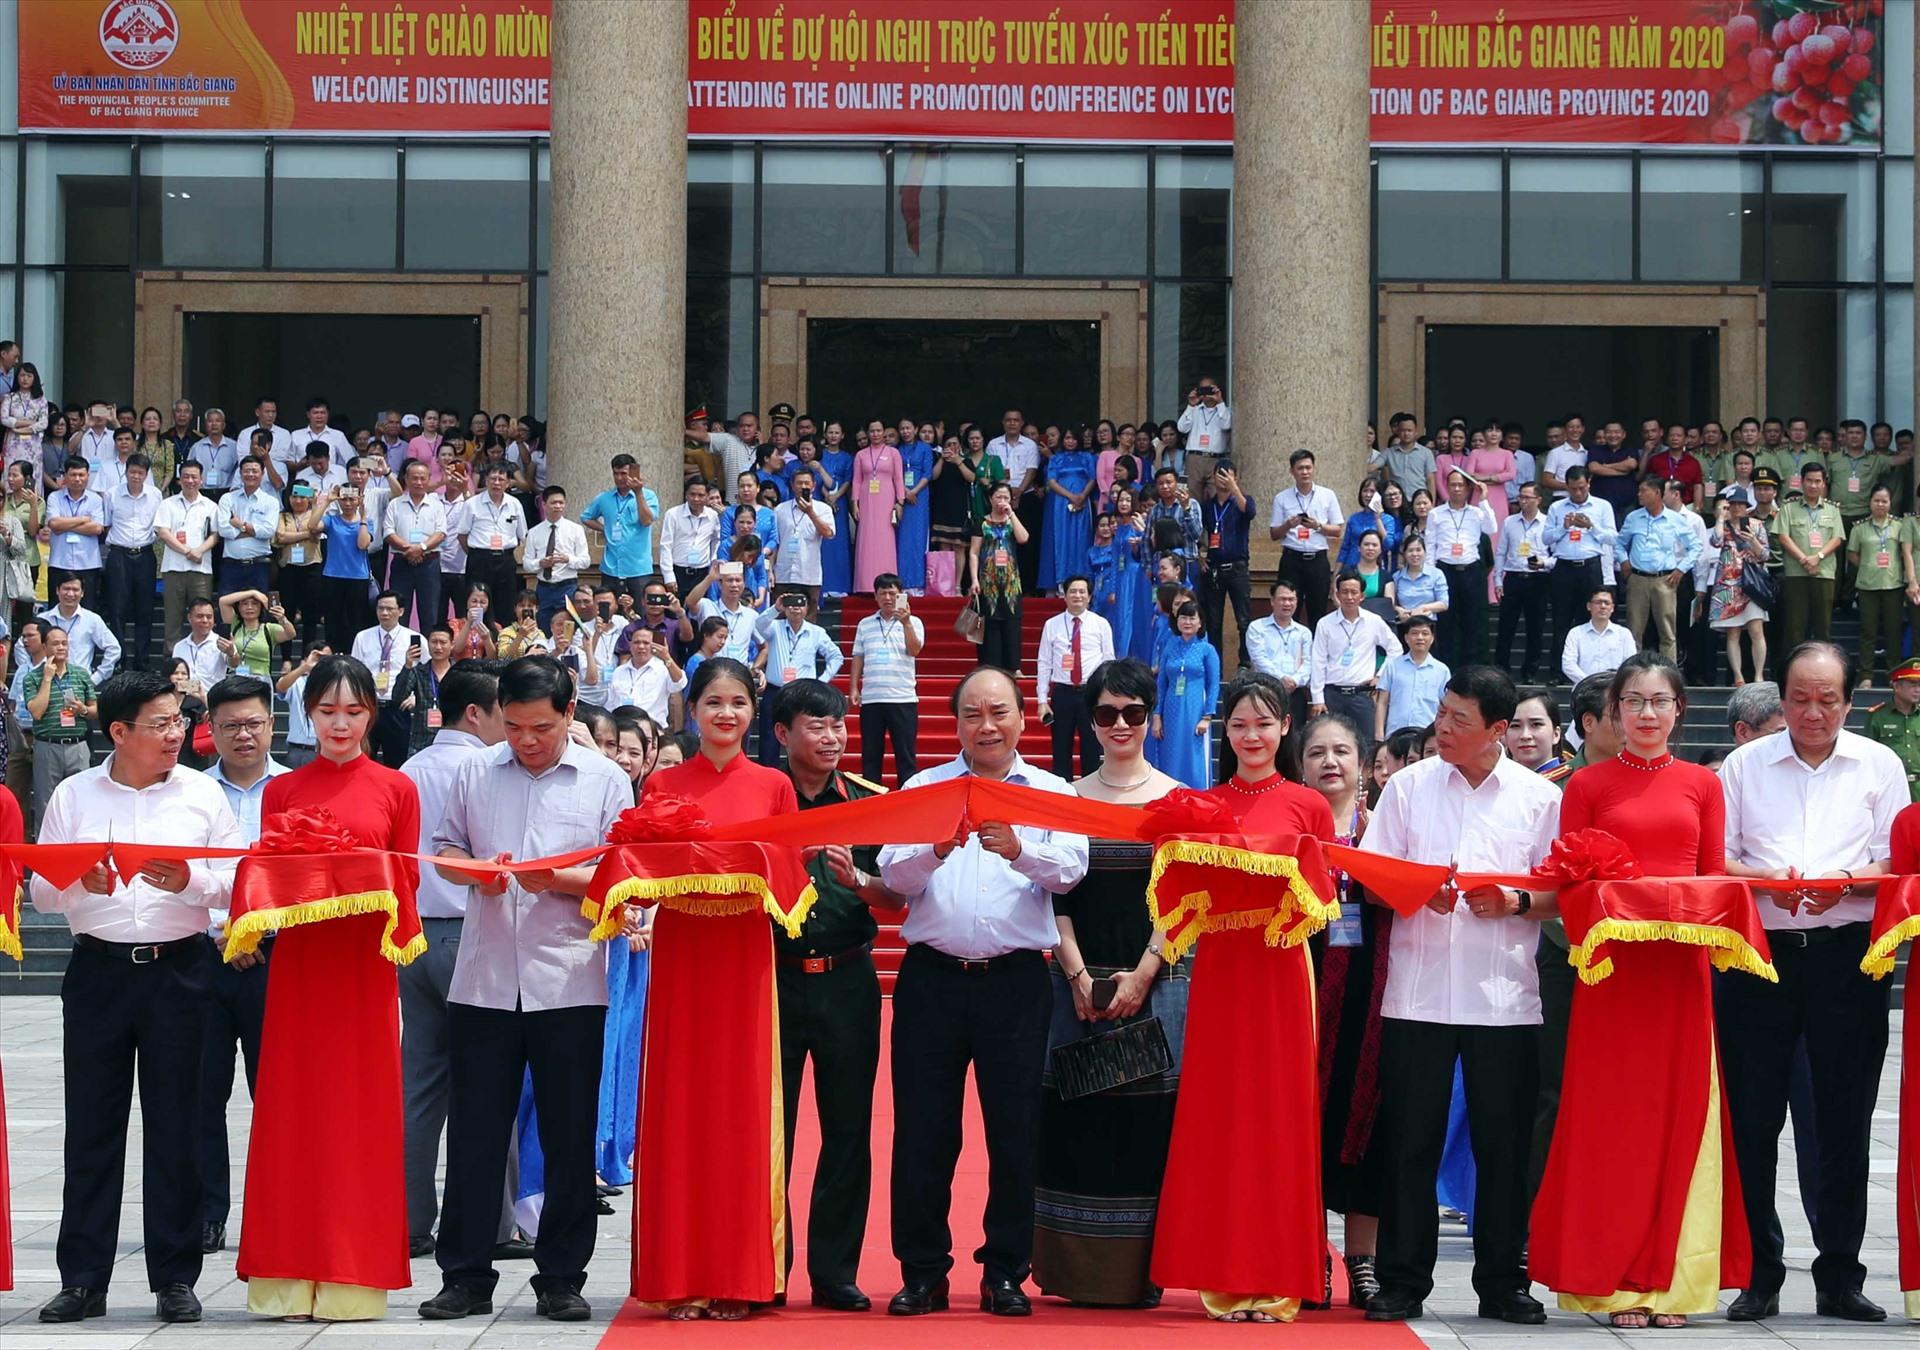 Thủ tướng Nguyễn Xuân Phúc cắt băng tại lễ xuất hành đoàn xe vải thiều Bắc Giang tiêu thụ ở thị trường trong và ngoài nước. - Ảnh: VGP